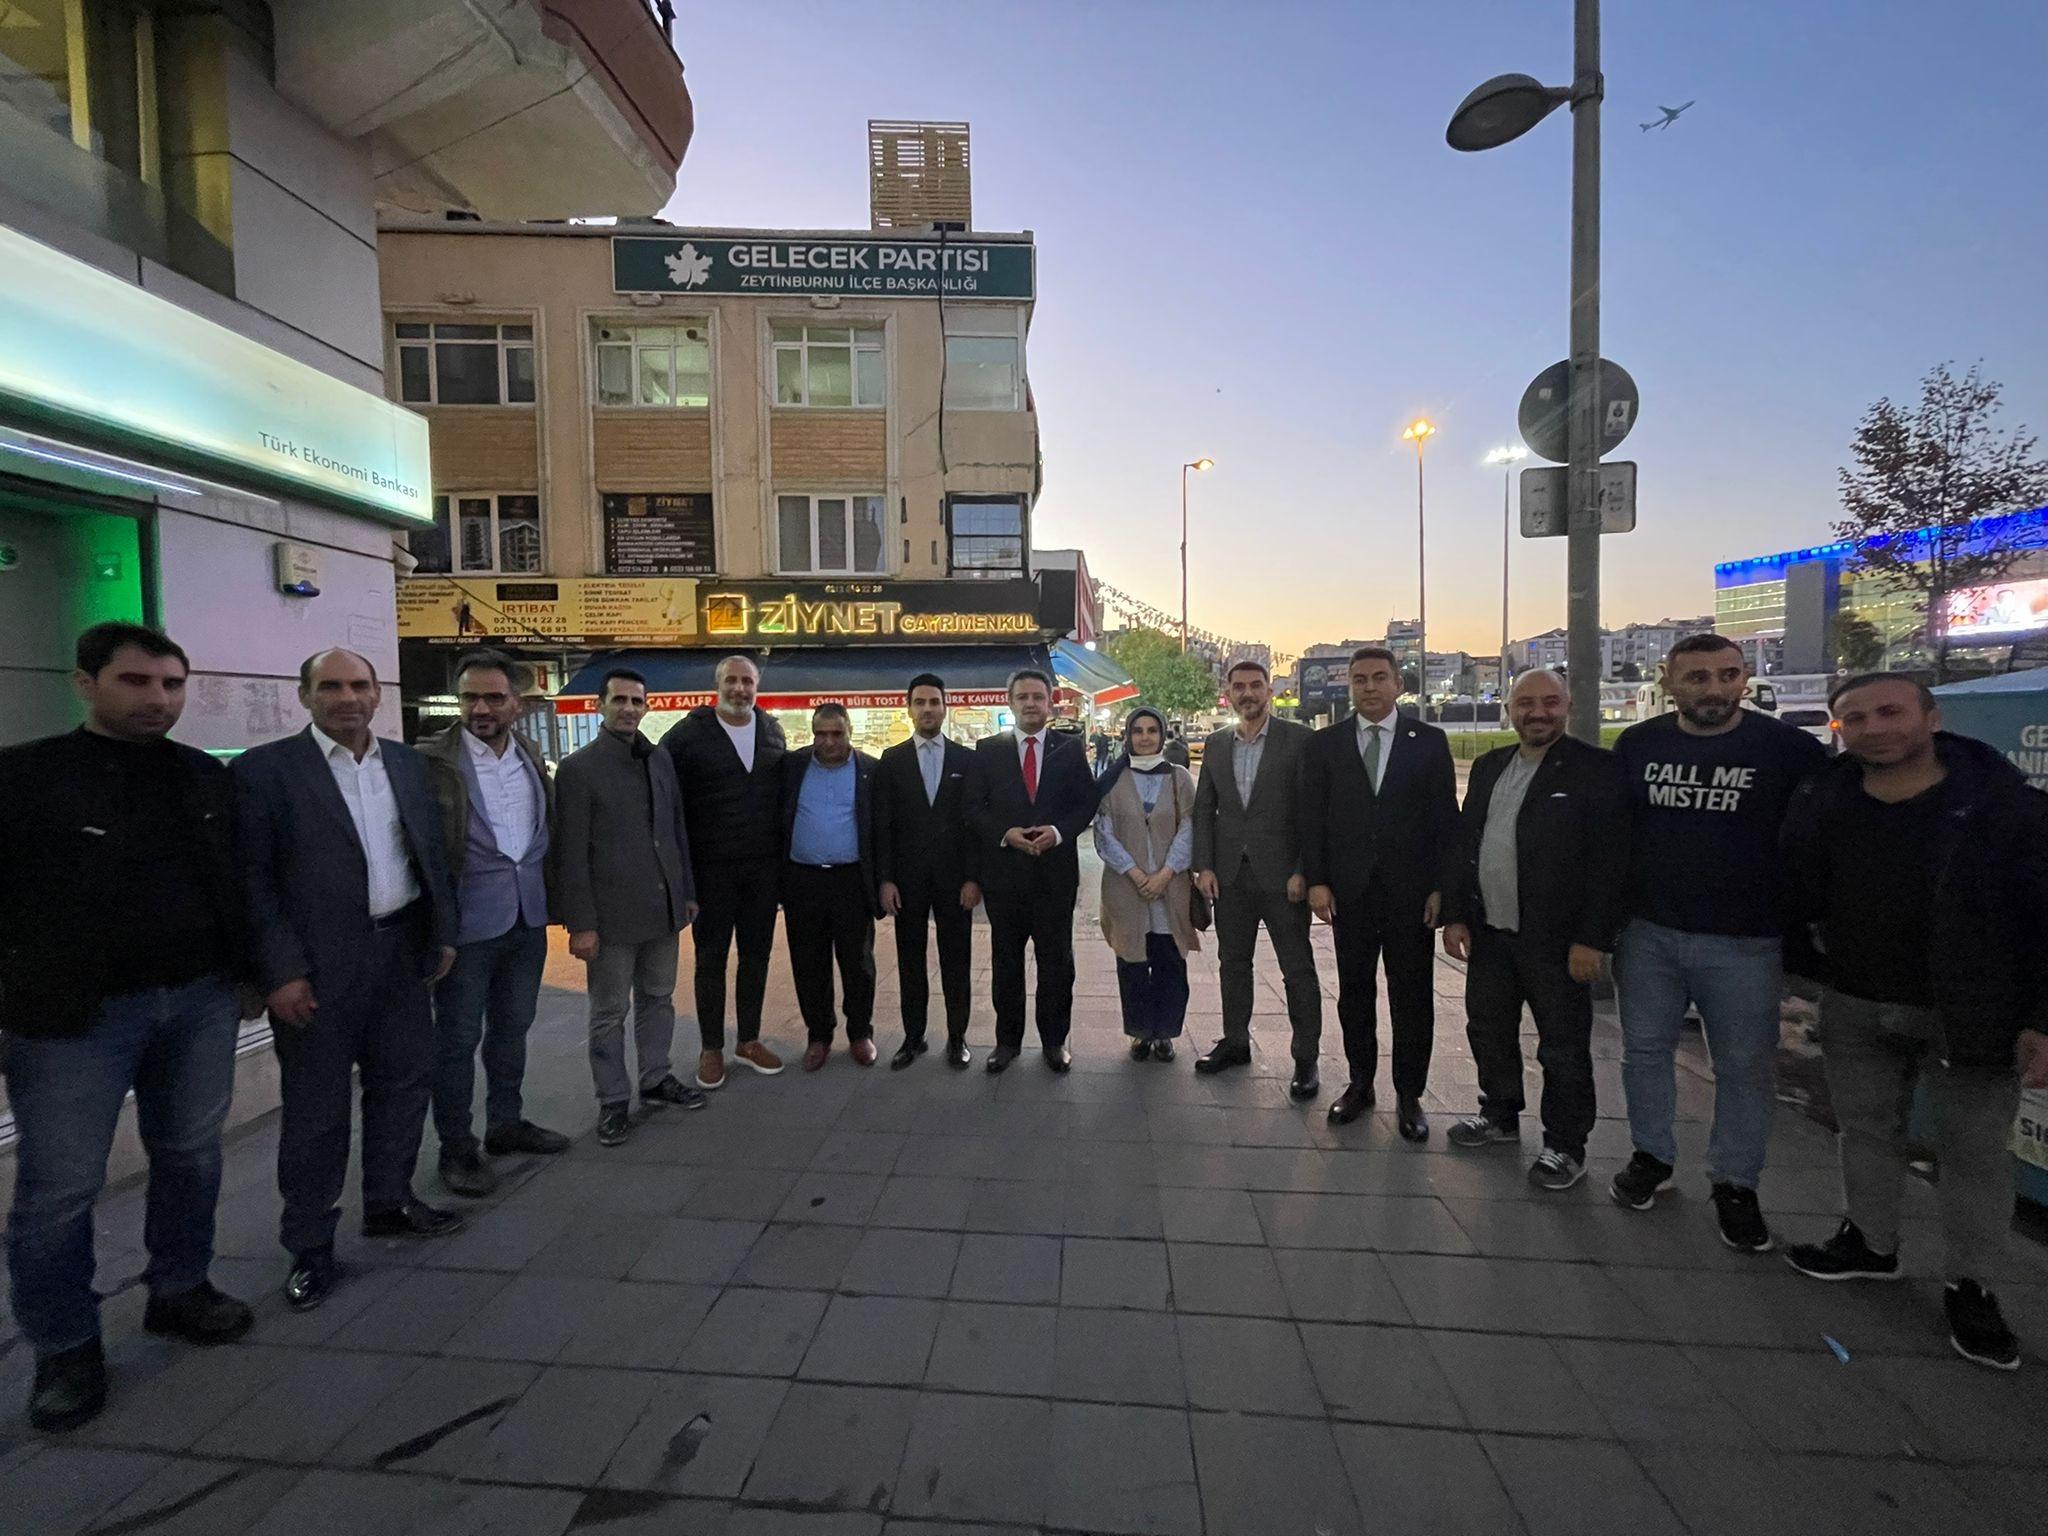 Zeytinburnu İlçe Başkanlığımızı ziyaret ettik